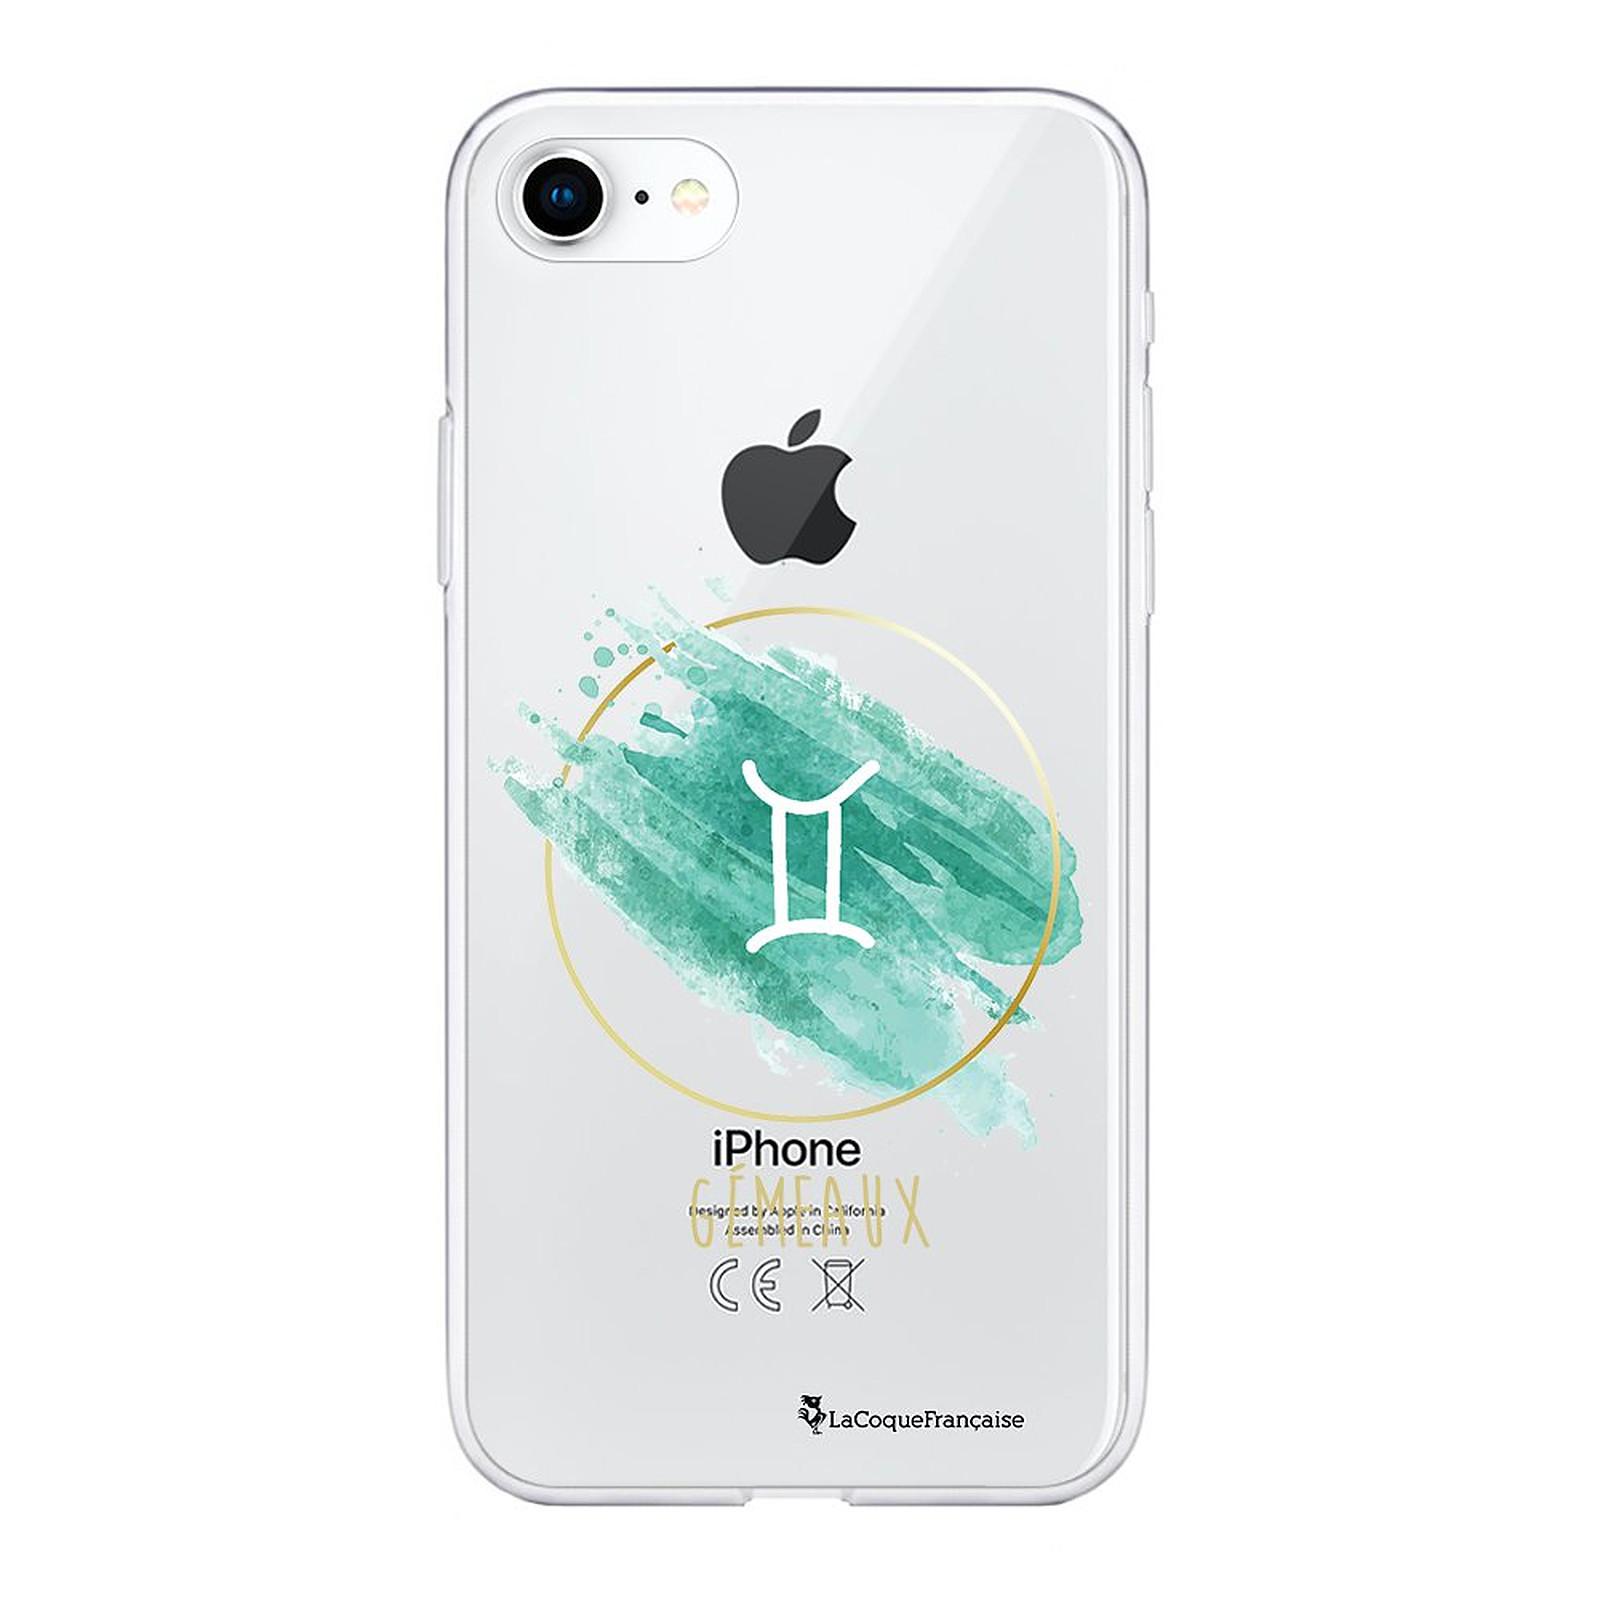 LA COQUE FRANCAISE Coque iPhone 7/8/ iPhone SE 2020 souple transparente Gémeaux - Coque téléphone LaCoqueFrançaise sur LDLC